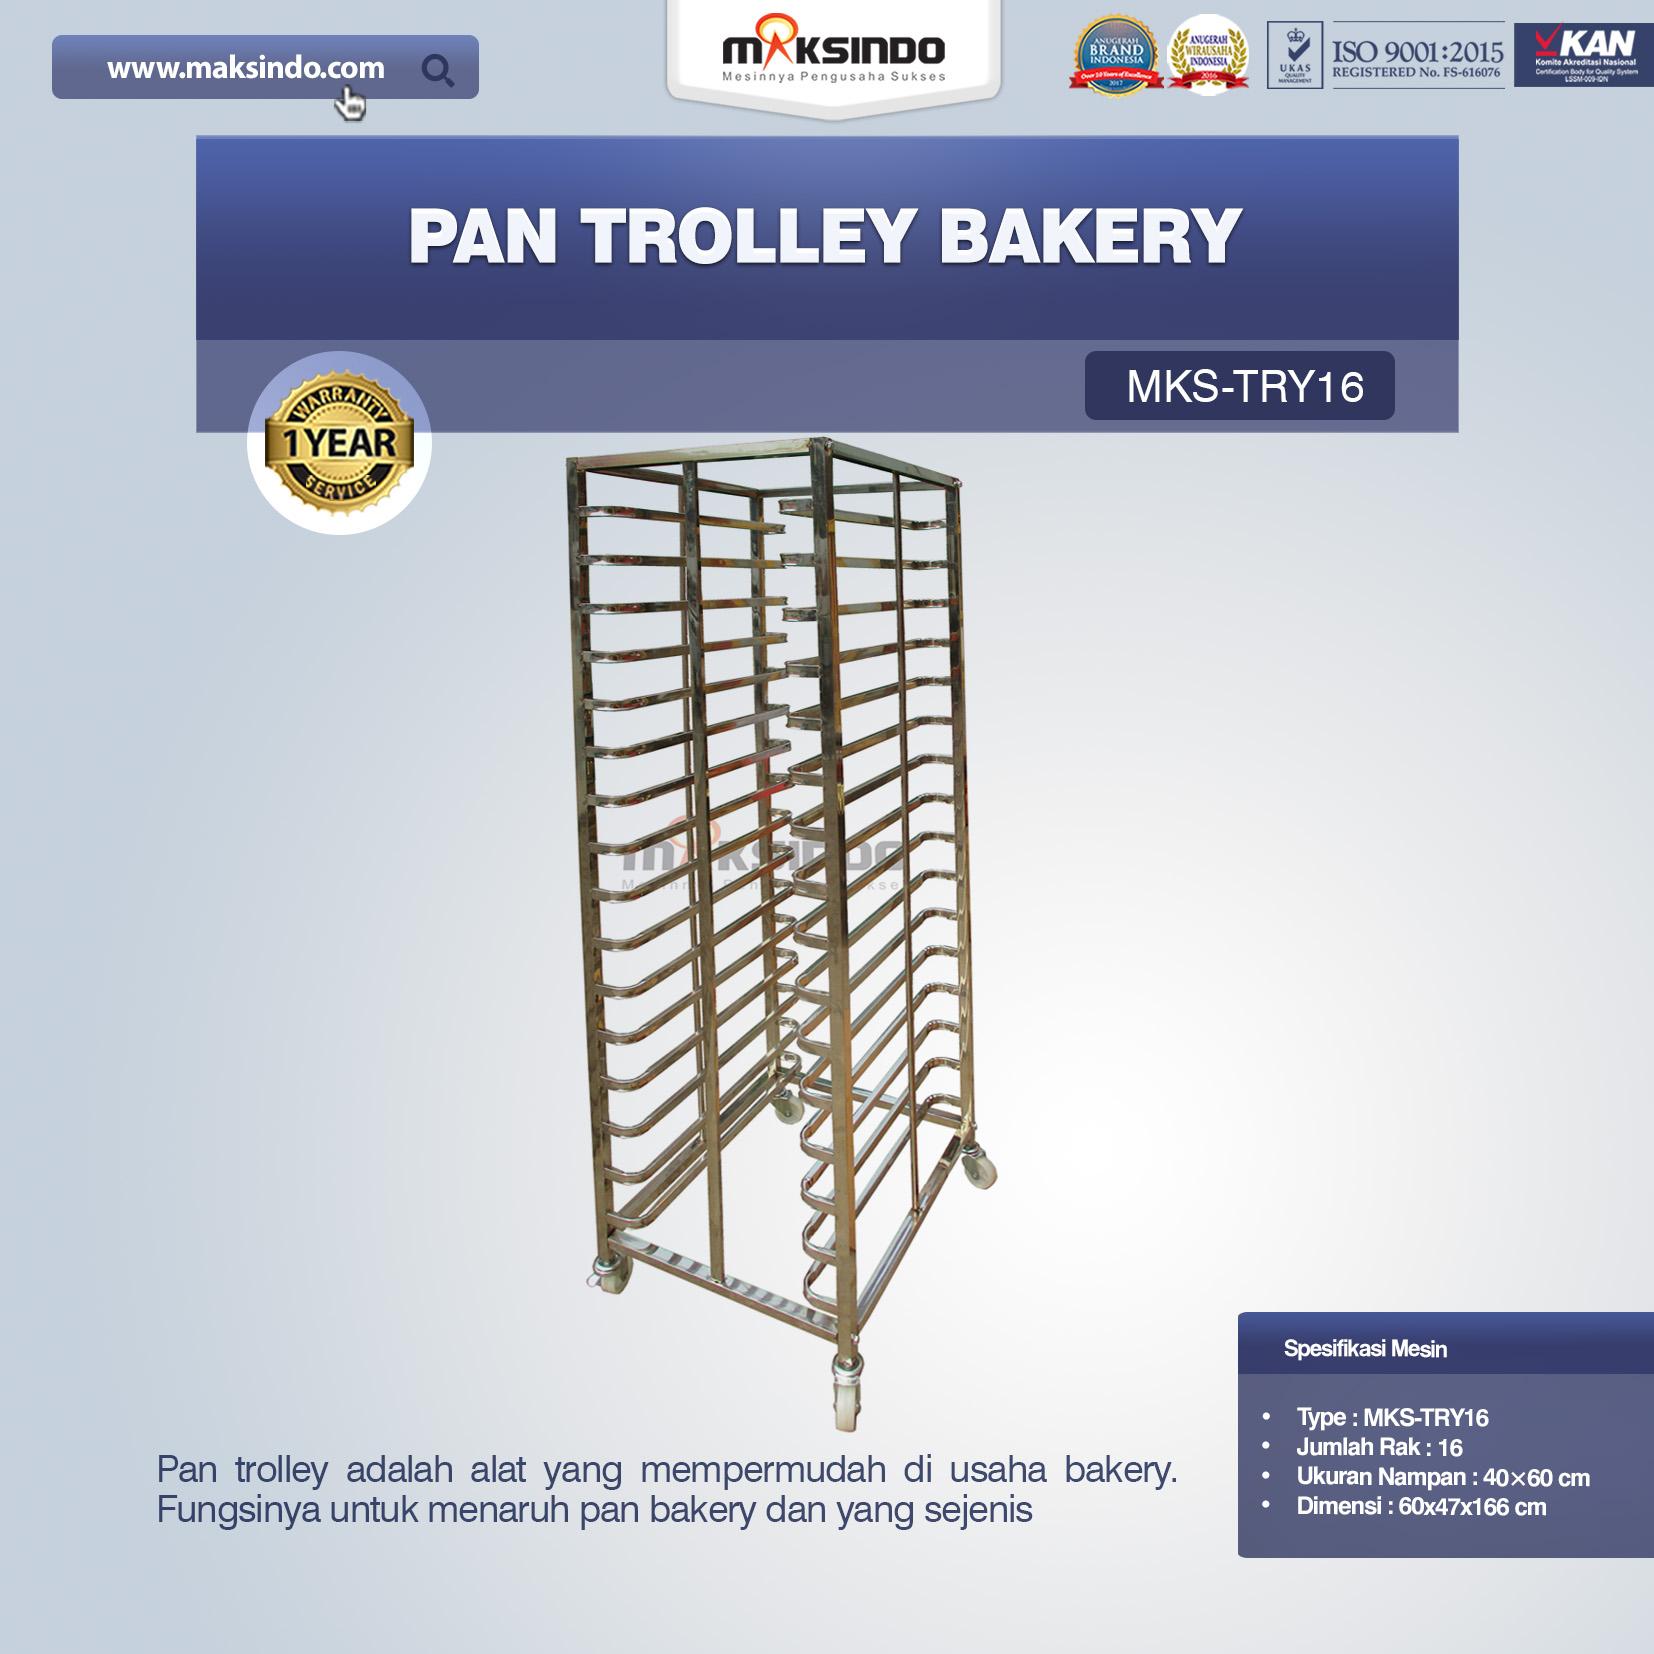 Jual Pan Trolley Bakery (MKS-TRY16) di Bali